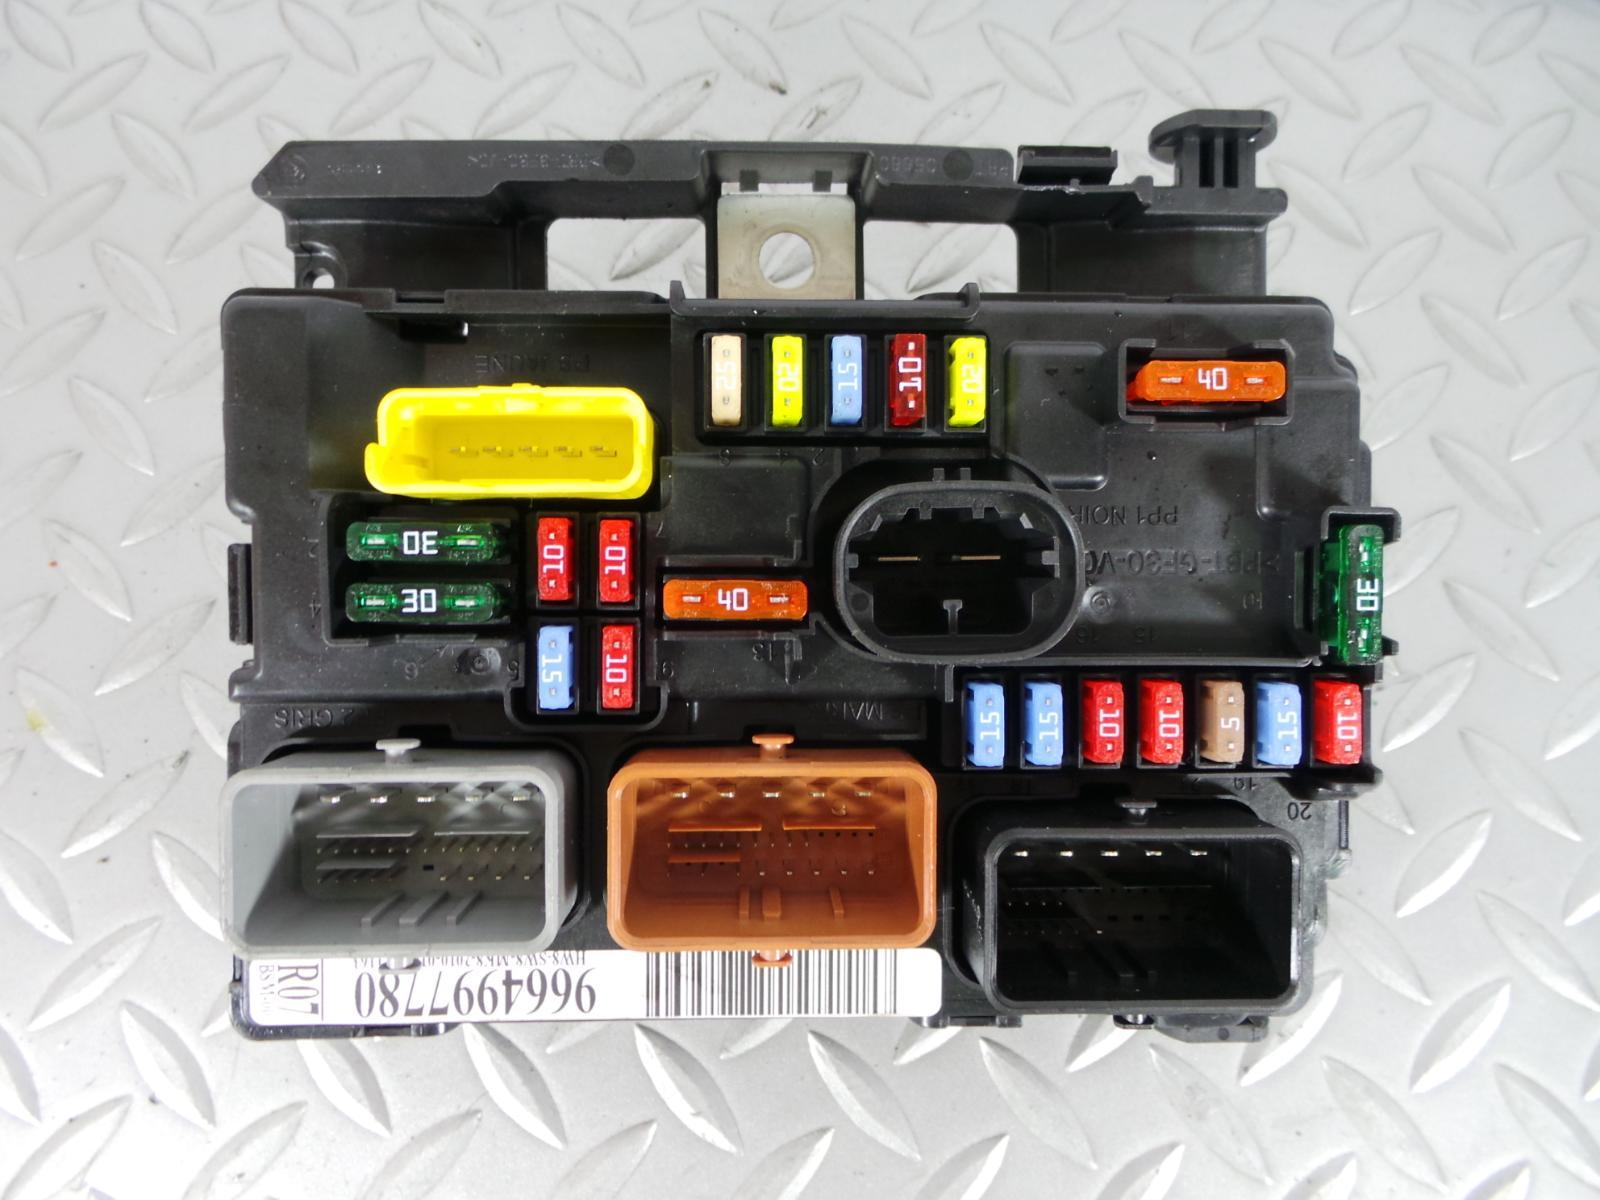 2010 peugeot 207 1 4 petrol lock set ecu   bsi kit  engine